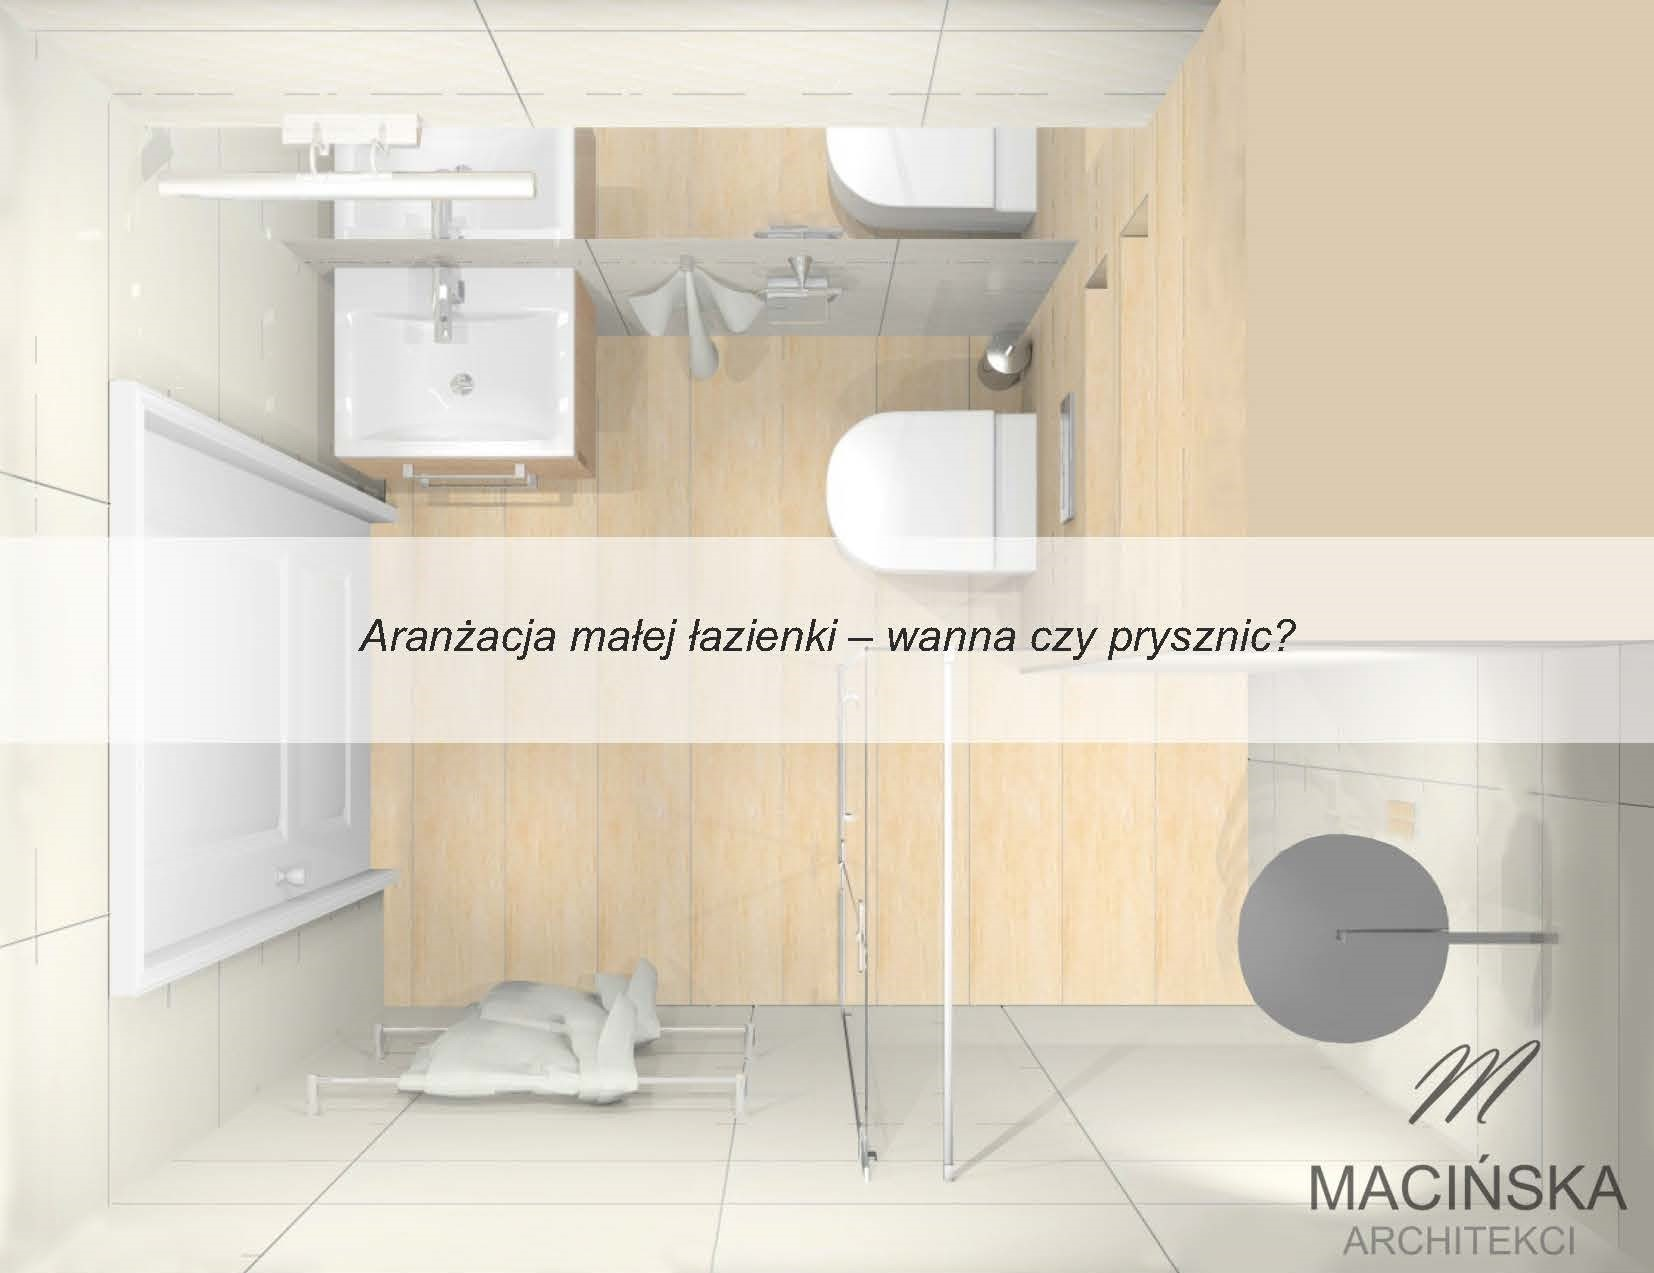 Aranżacja Małej łazienki Wanna Czy Prysznic Macińska